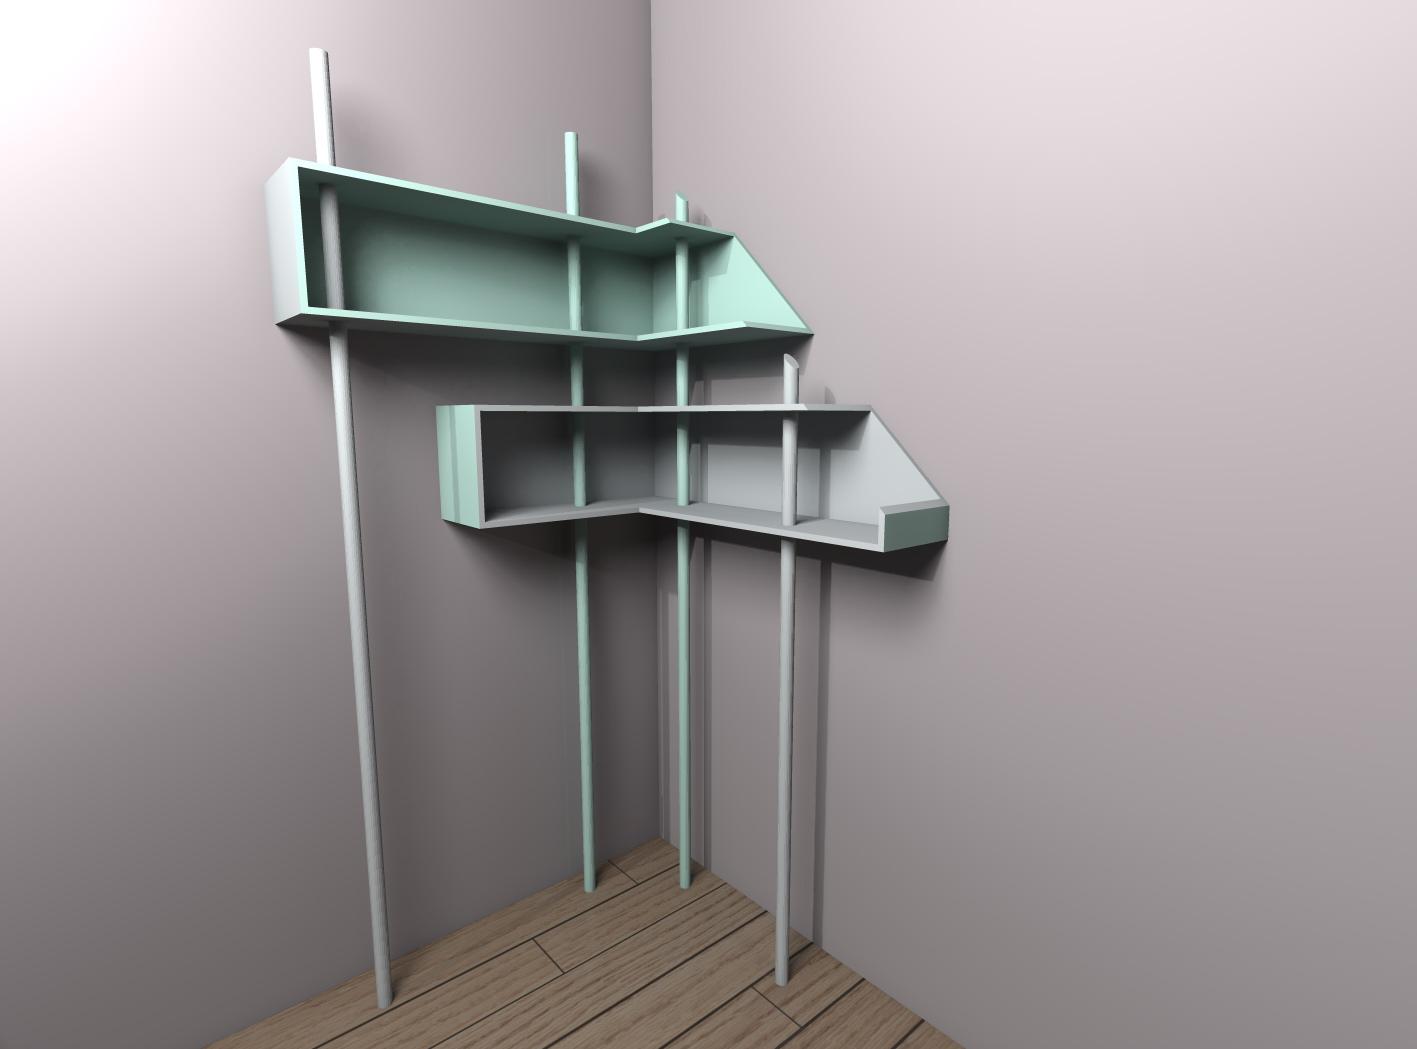 Collection de meubles 1 lana 39 i d coration et conception d 39 int rieur - Etagere petite profondeur ...